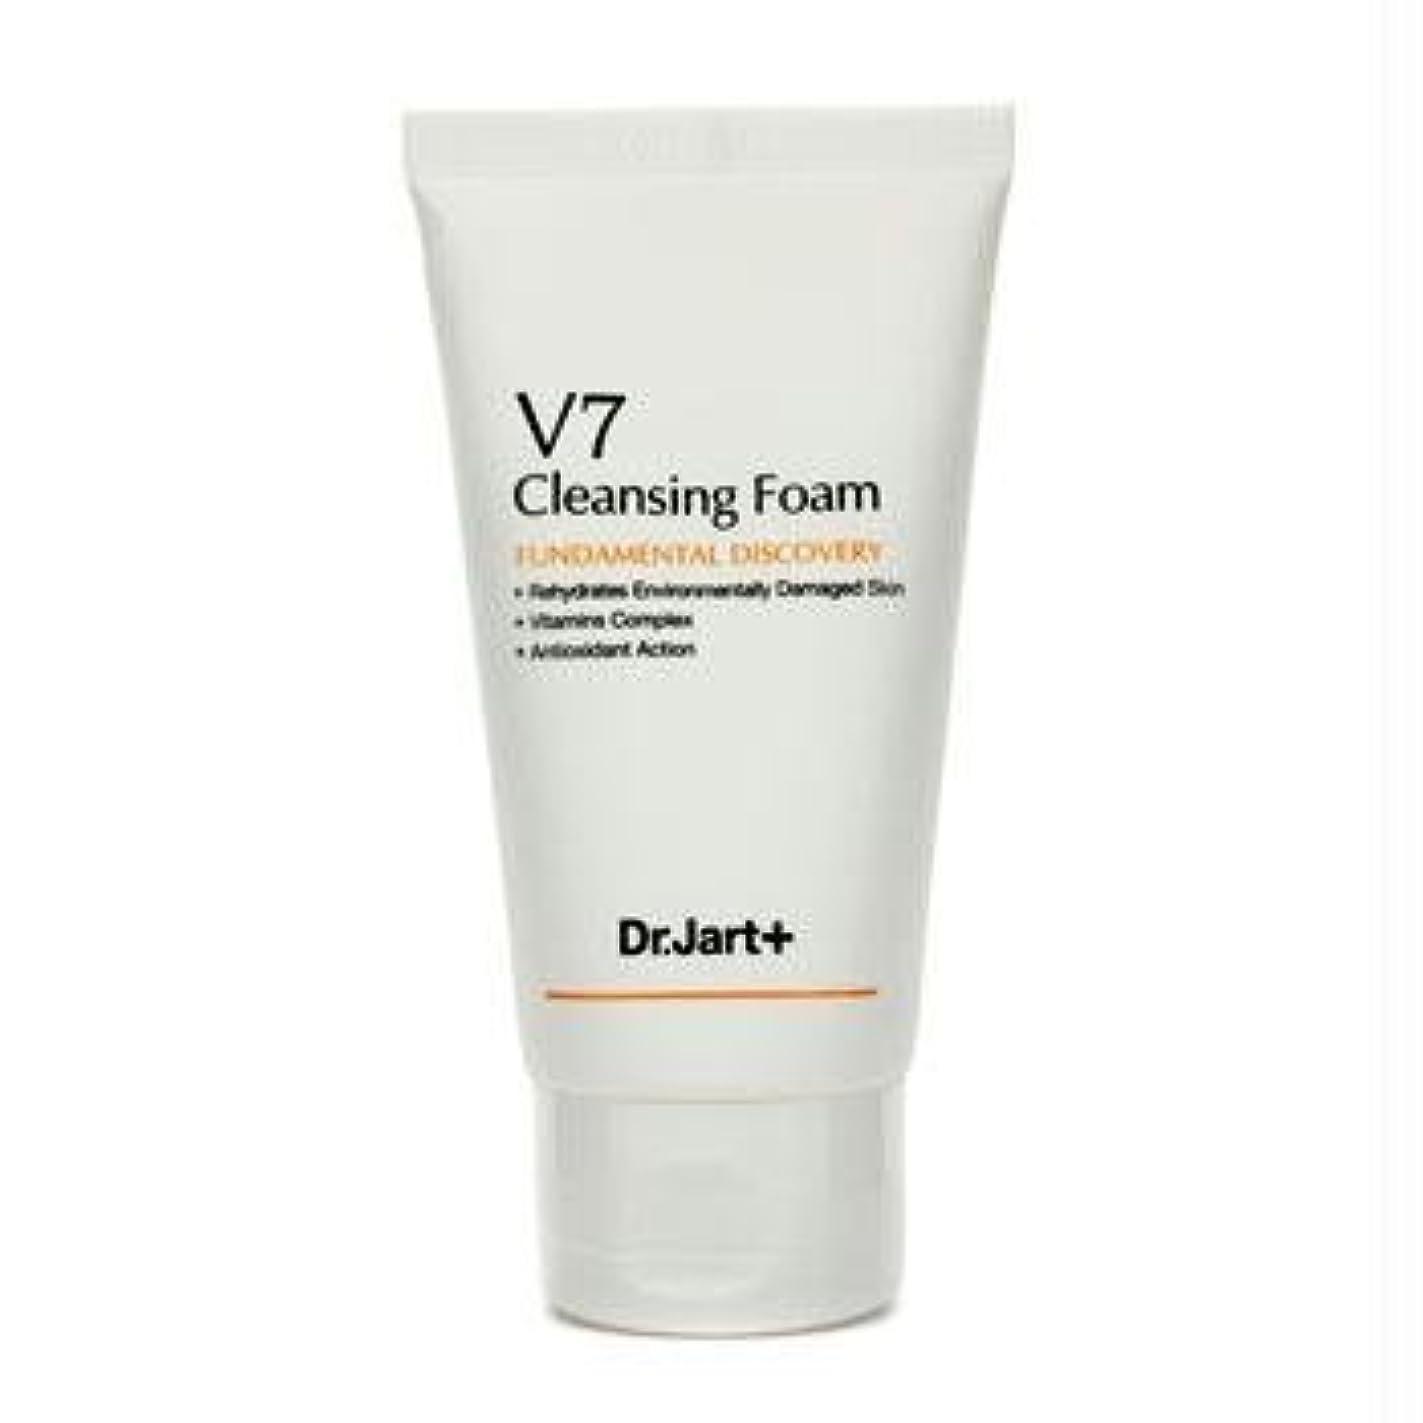 入場療法駅Dr. Jart+ - V7 Cleansing Foam - 100ml/3.5oz by Dr. Jart+ [並行輸入品]